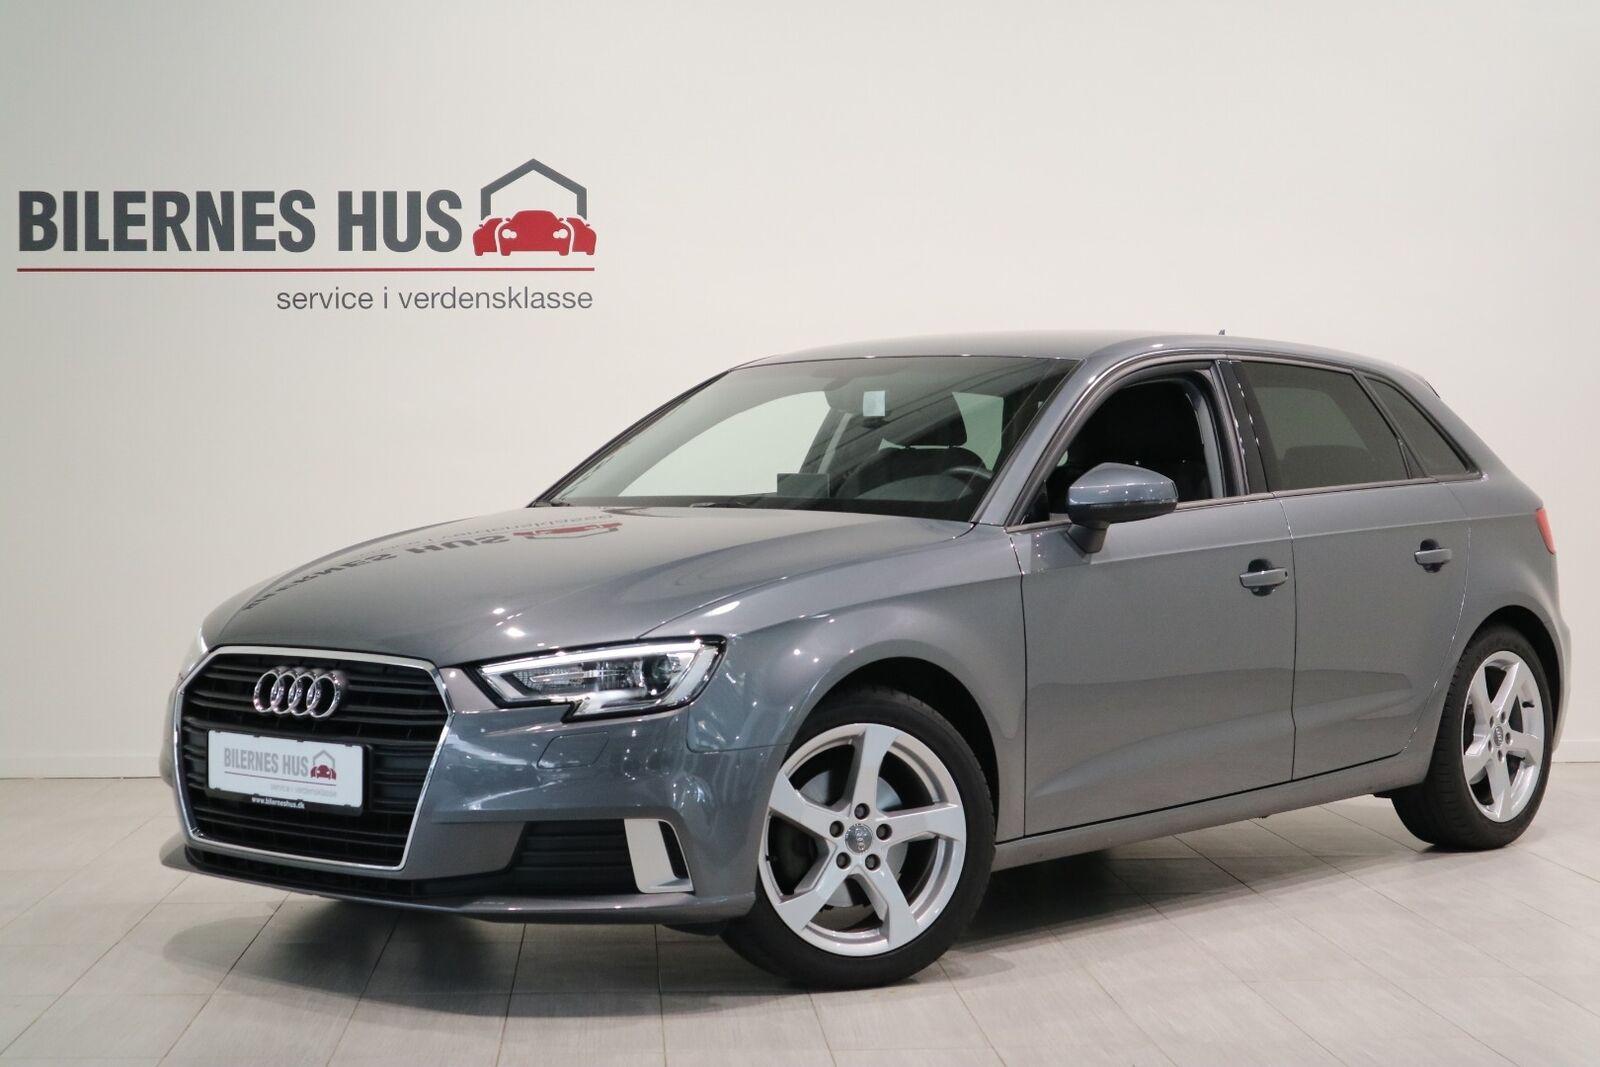 Audi A3 Billede 1